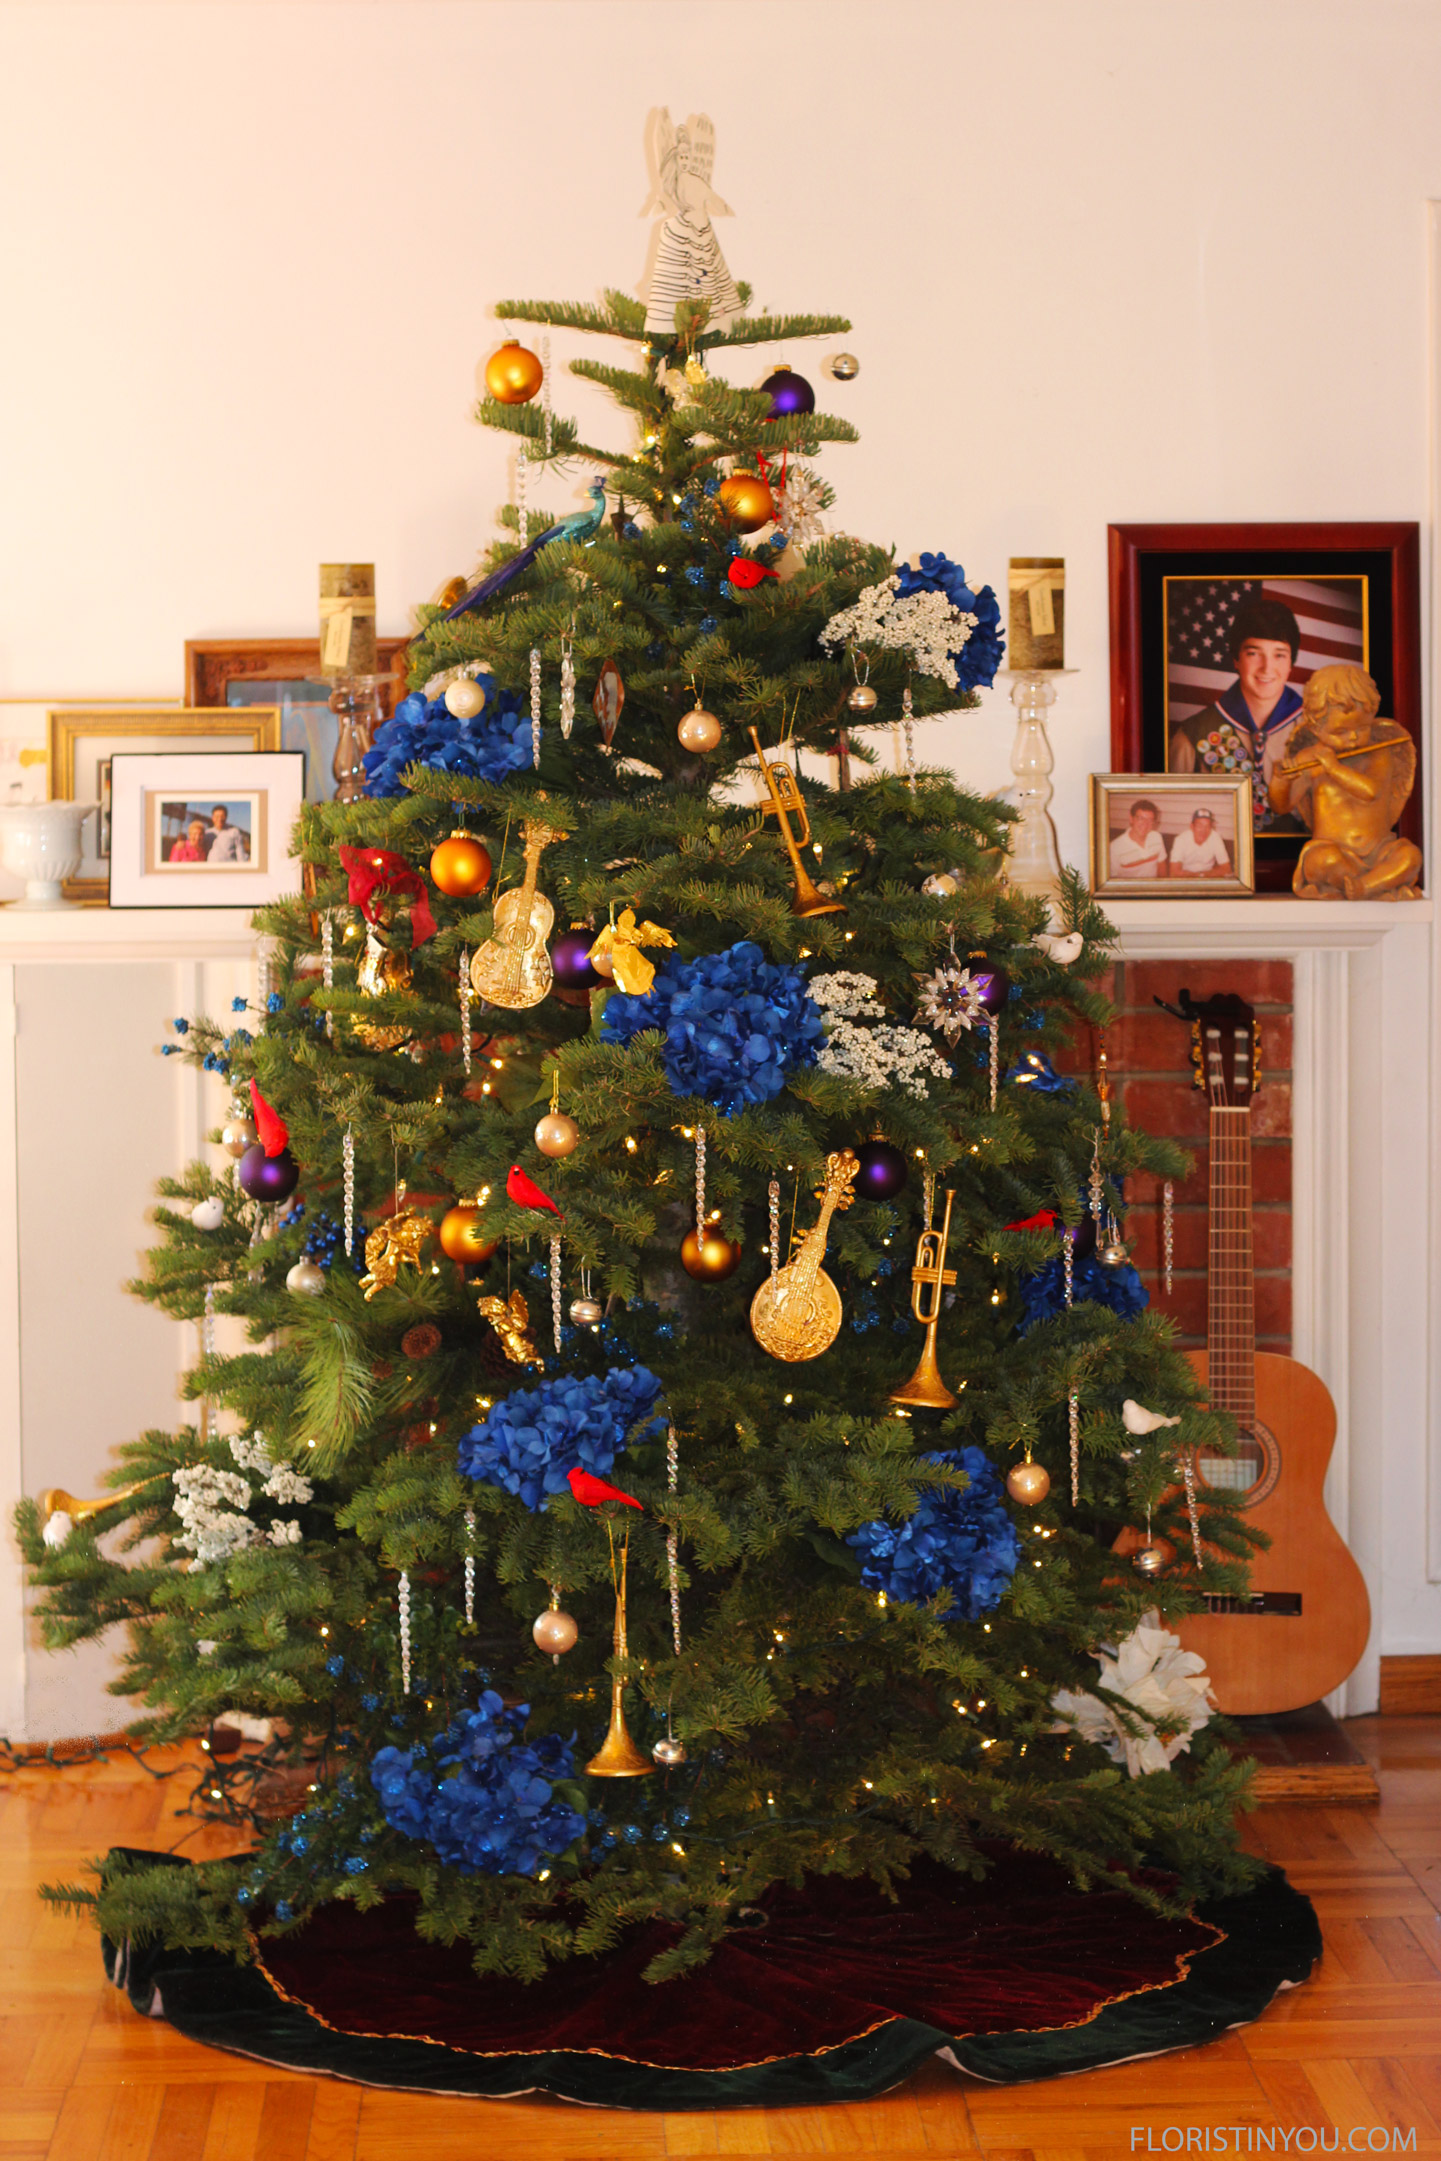 Your tree will be ready for Santa. Enjoy!